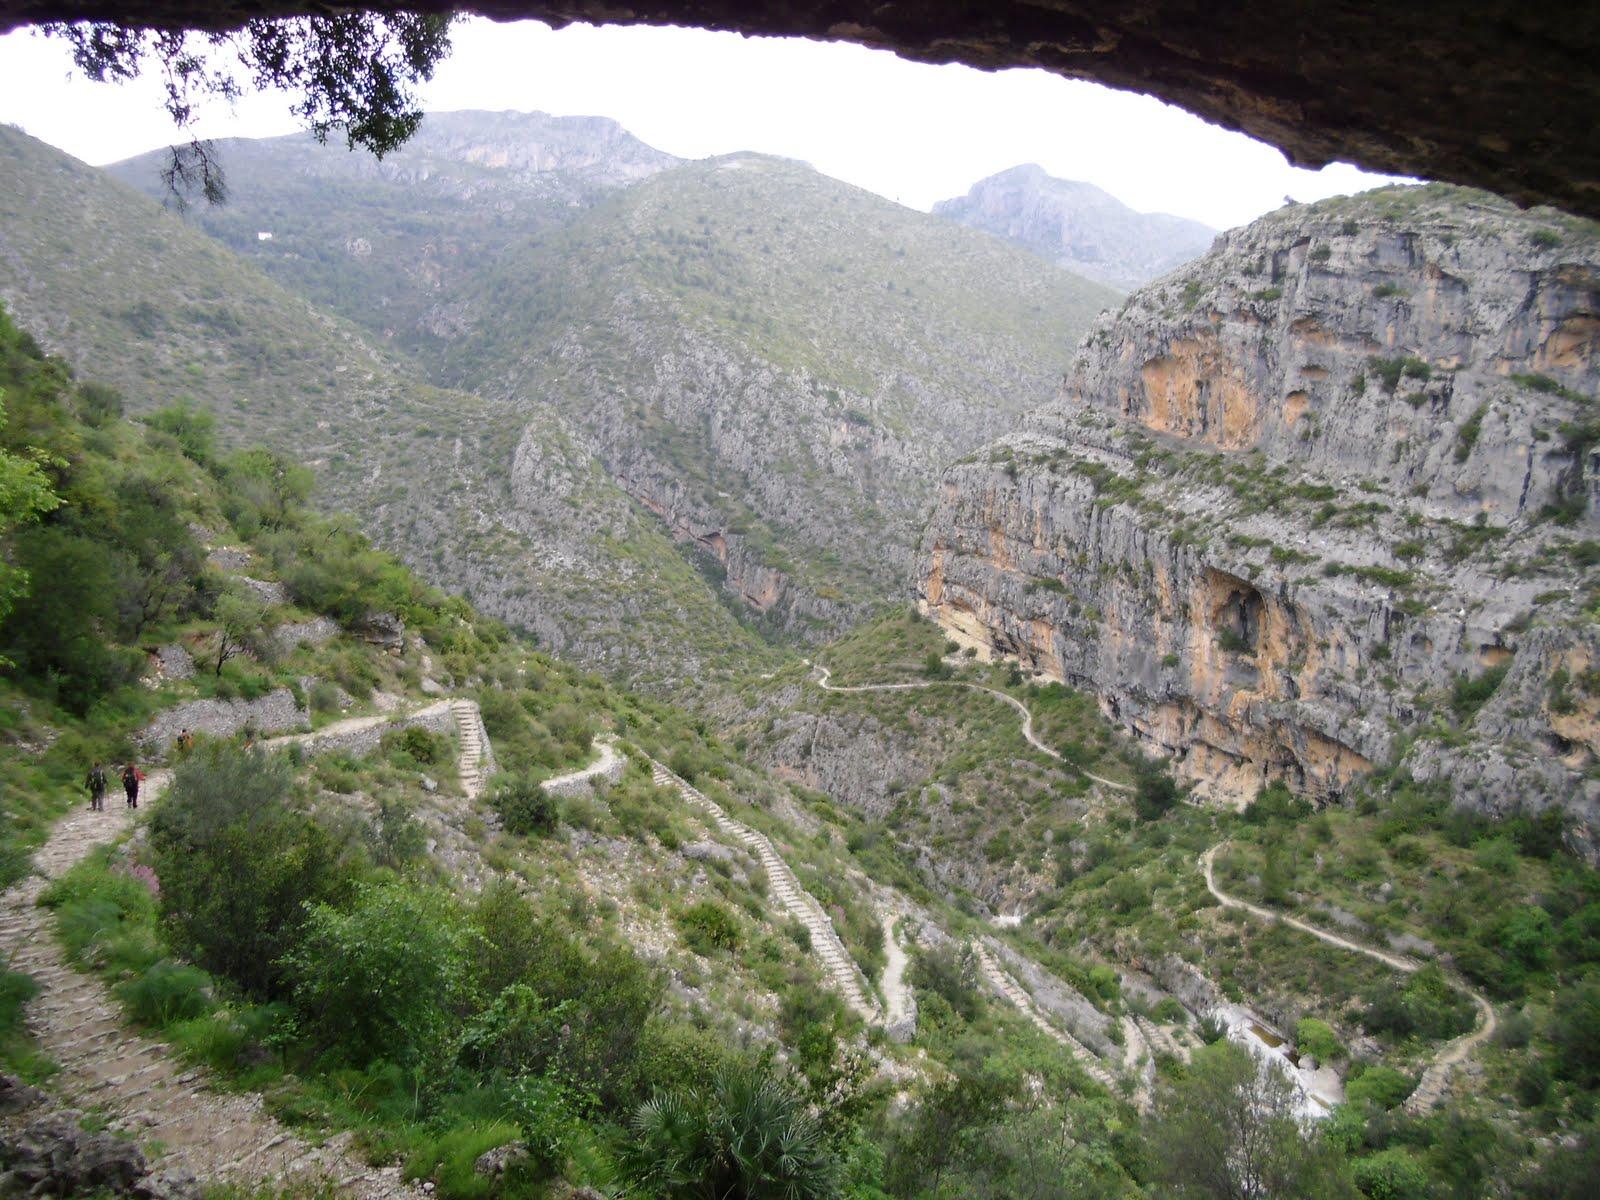 Vista des del  Forat de la Juvea del Barranc de l'Infern